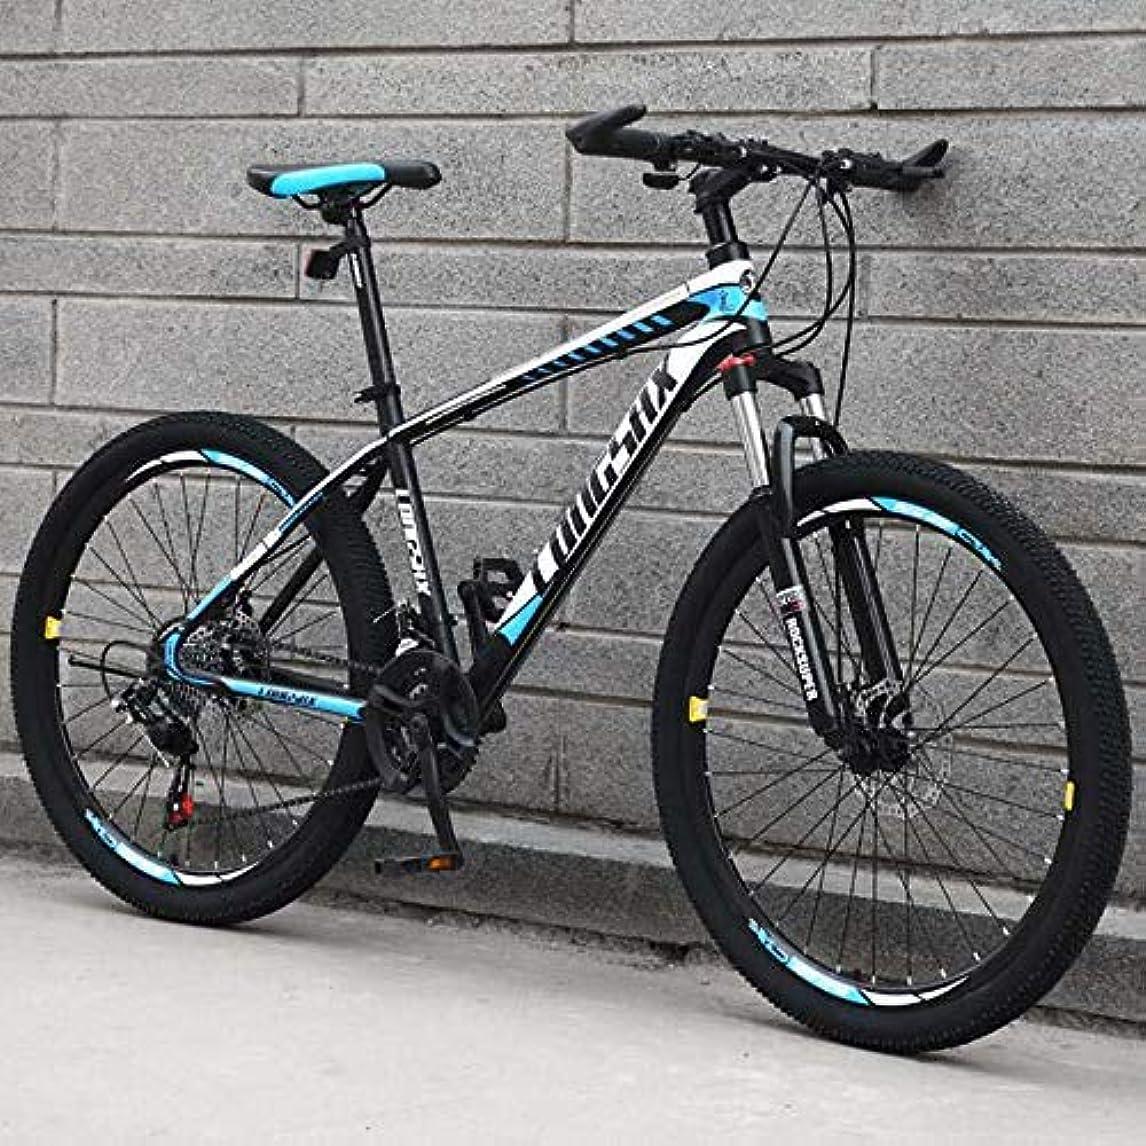 ナイロンでるラップトップ成人男性用マウンテンバイク、高炭素鋼フレームMBTバイク、衝撃吸収フロントフォークマウンテン自転車、ダブルディスクブレーキ